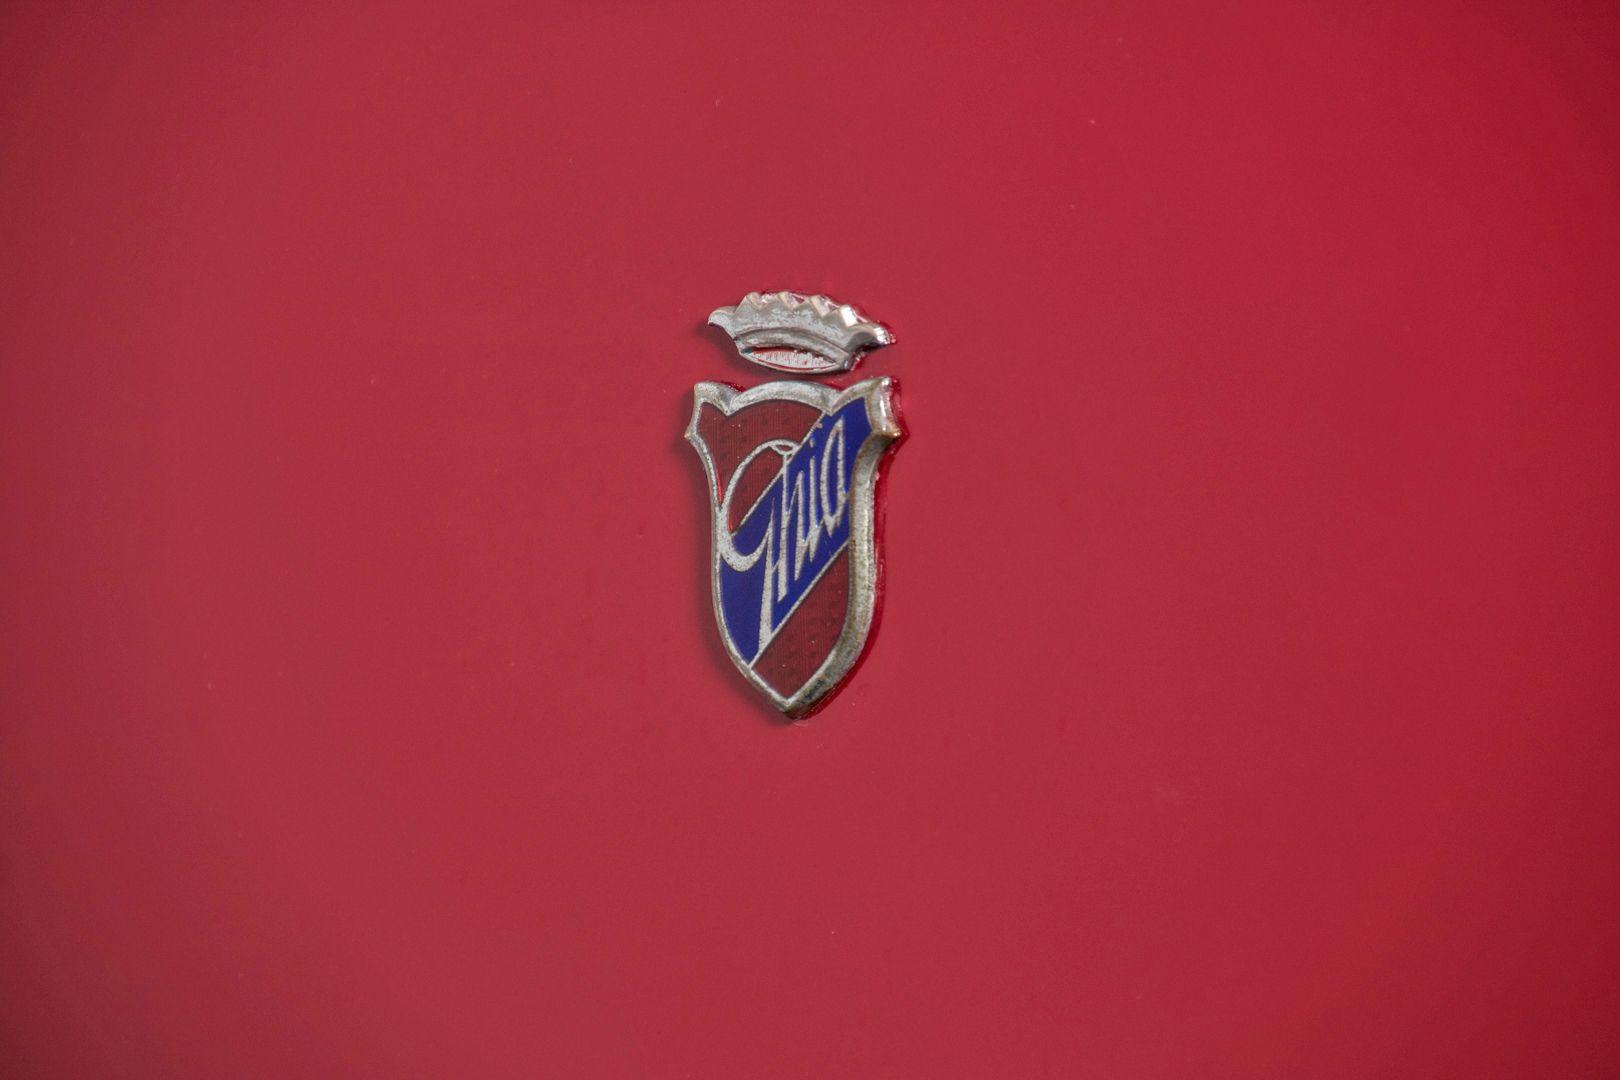 1963 Fiat 2300 S coupè 50467